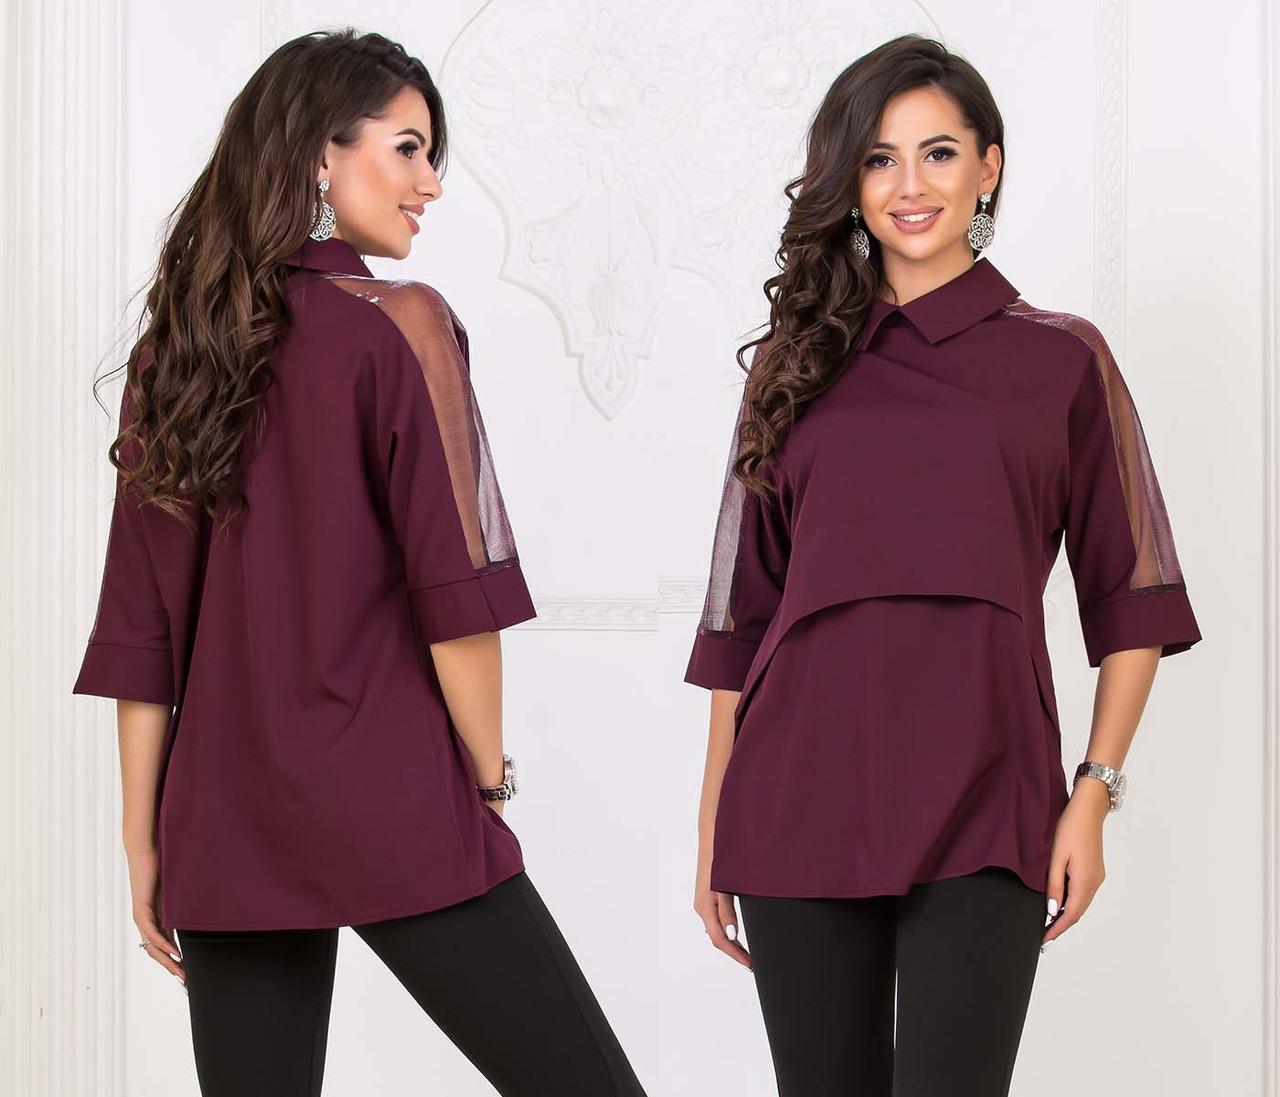 """Элегантная женская блузка до больших размеров """"Софт Кокетка Рукава Сетка Перламутр"""" в расцветках"""